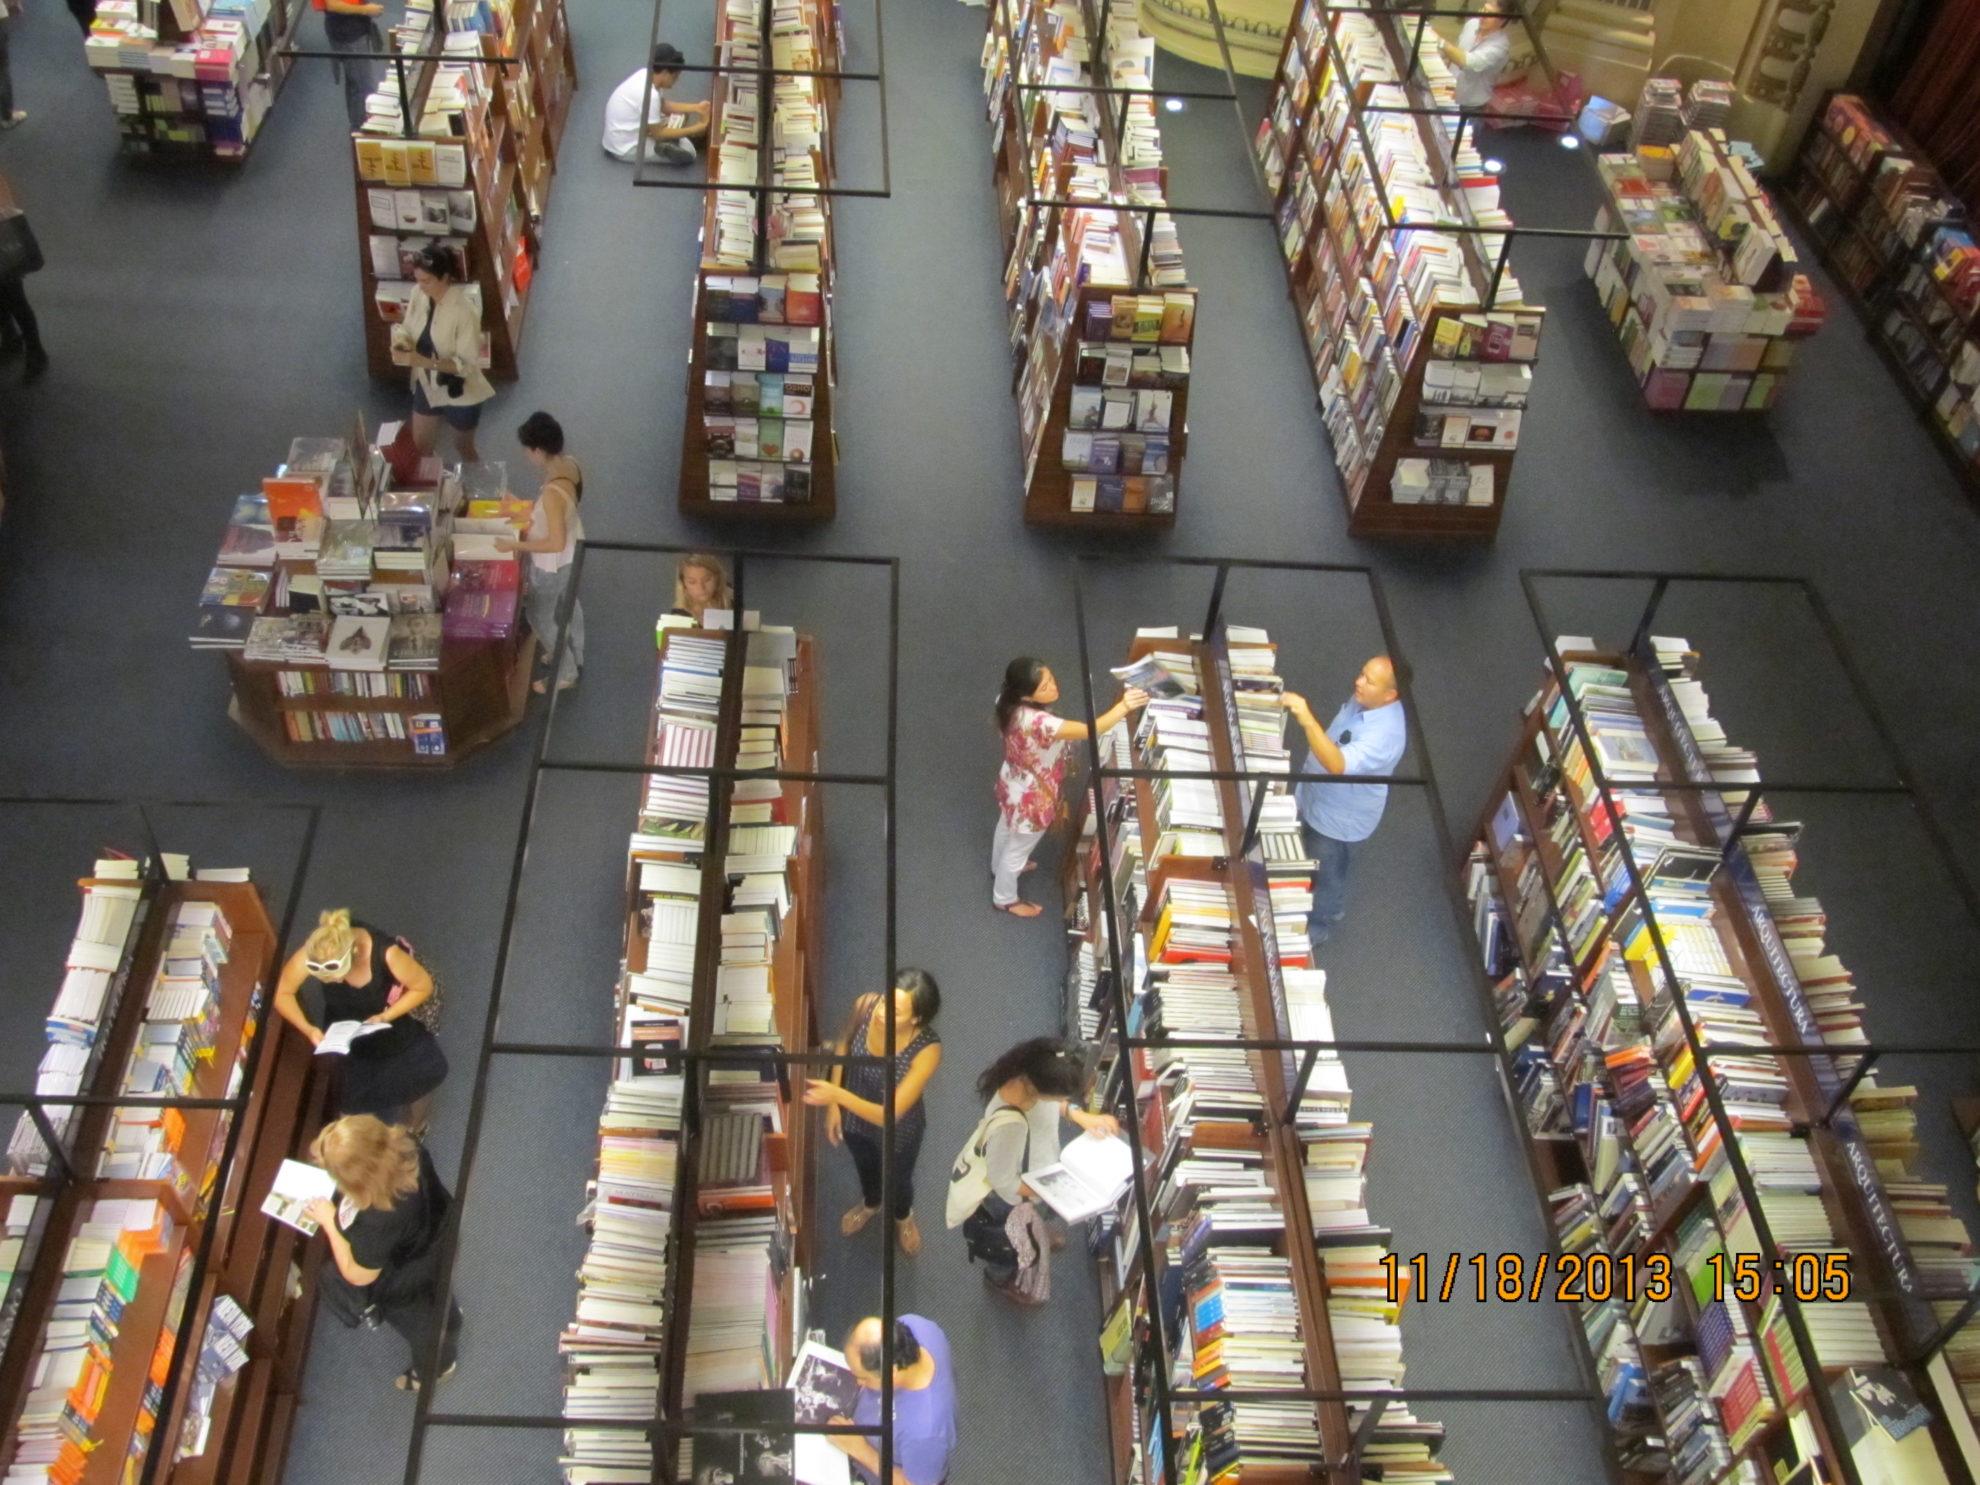 Público em área da Livraria Ateneo, em Buenos Aires. Cultura é um dos pontos de destaque da capital argentina e do país. Crédito: Rodrigo Borges Delfim